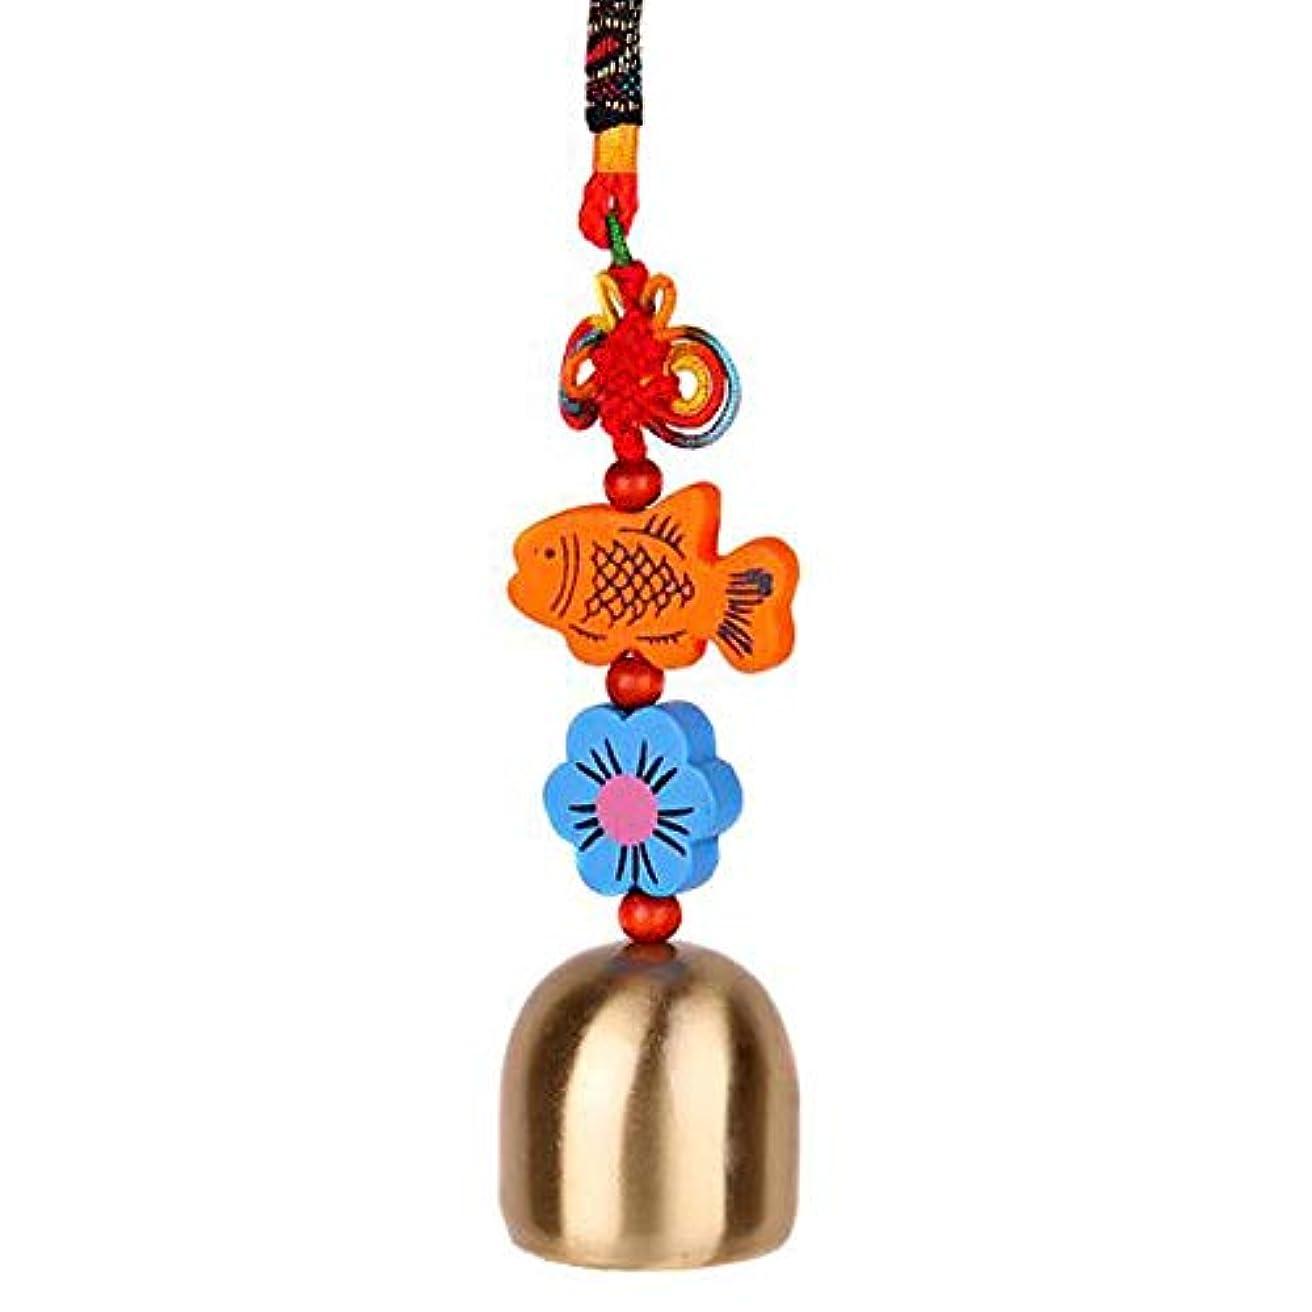 頬吸収剤子豚Youshangshipin 風チャイム、中国のノット銅鐘ホーム車の装飾、ゴールド、全長約22CM,美しいギフトボックス (Color : A)